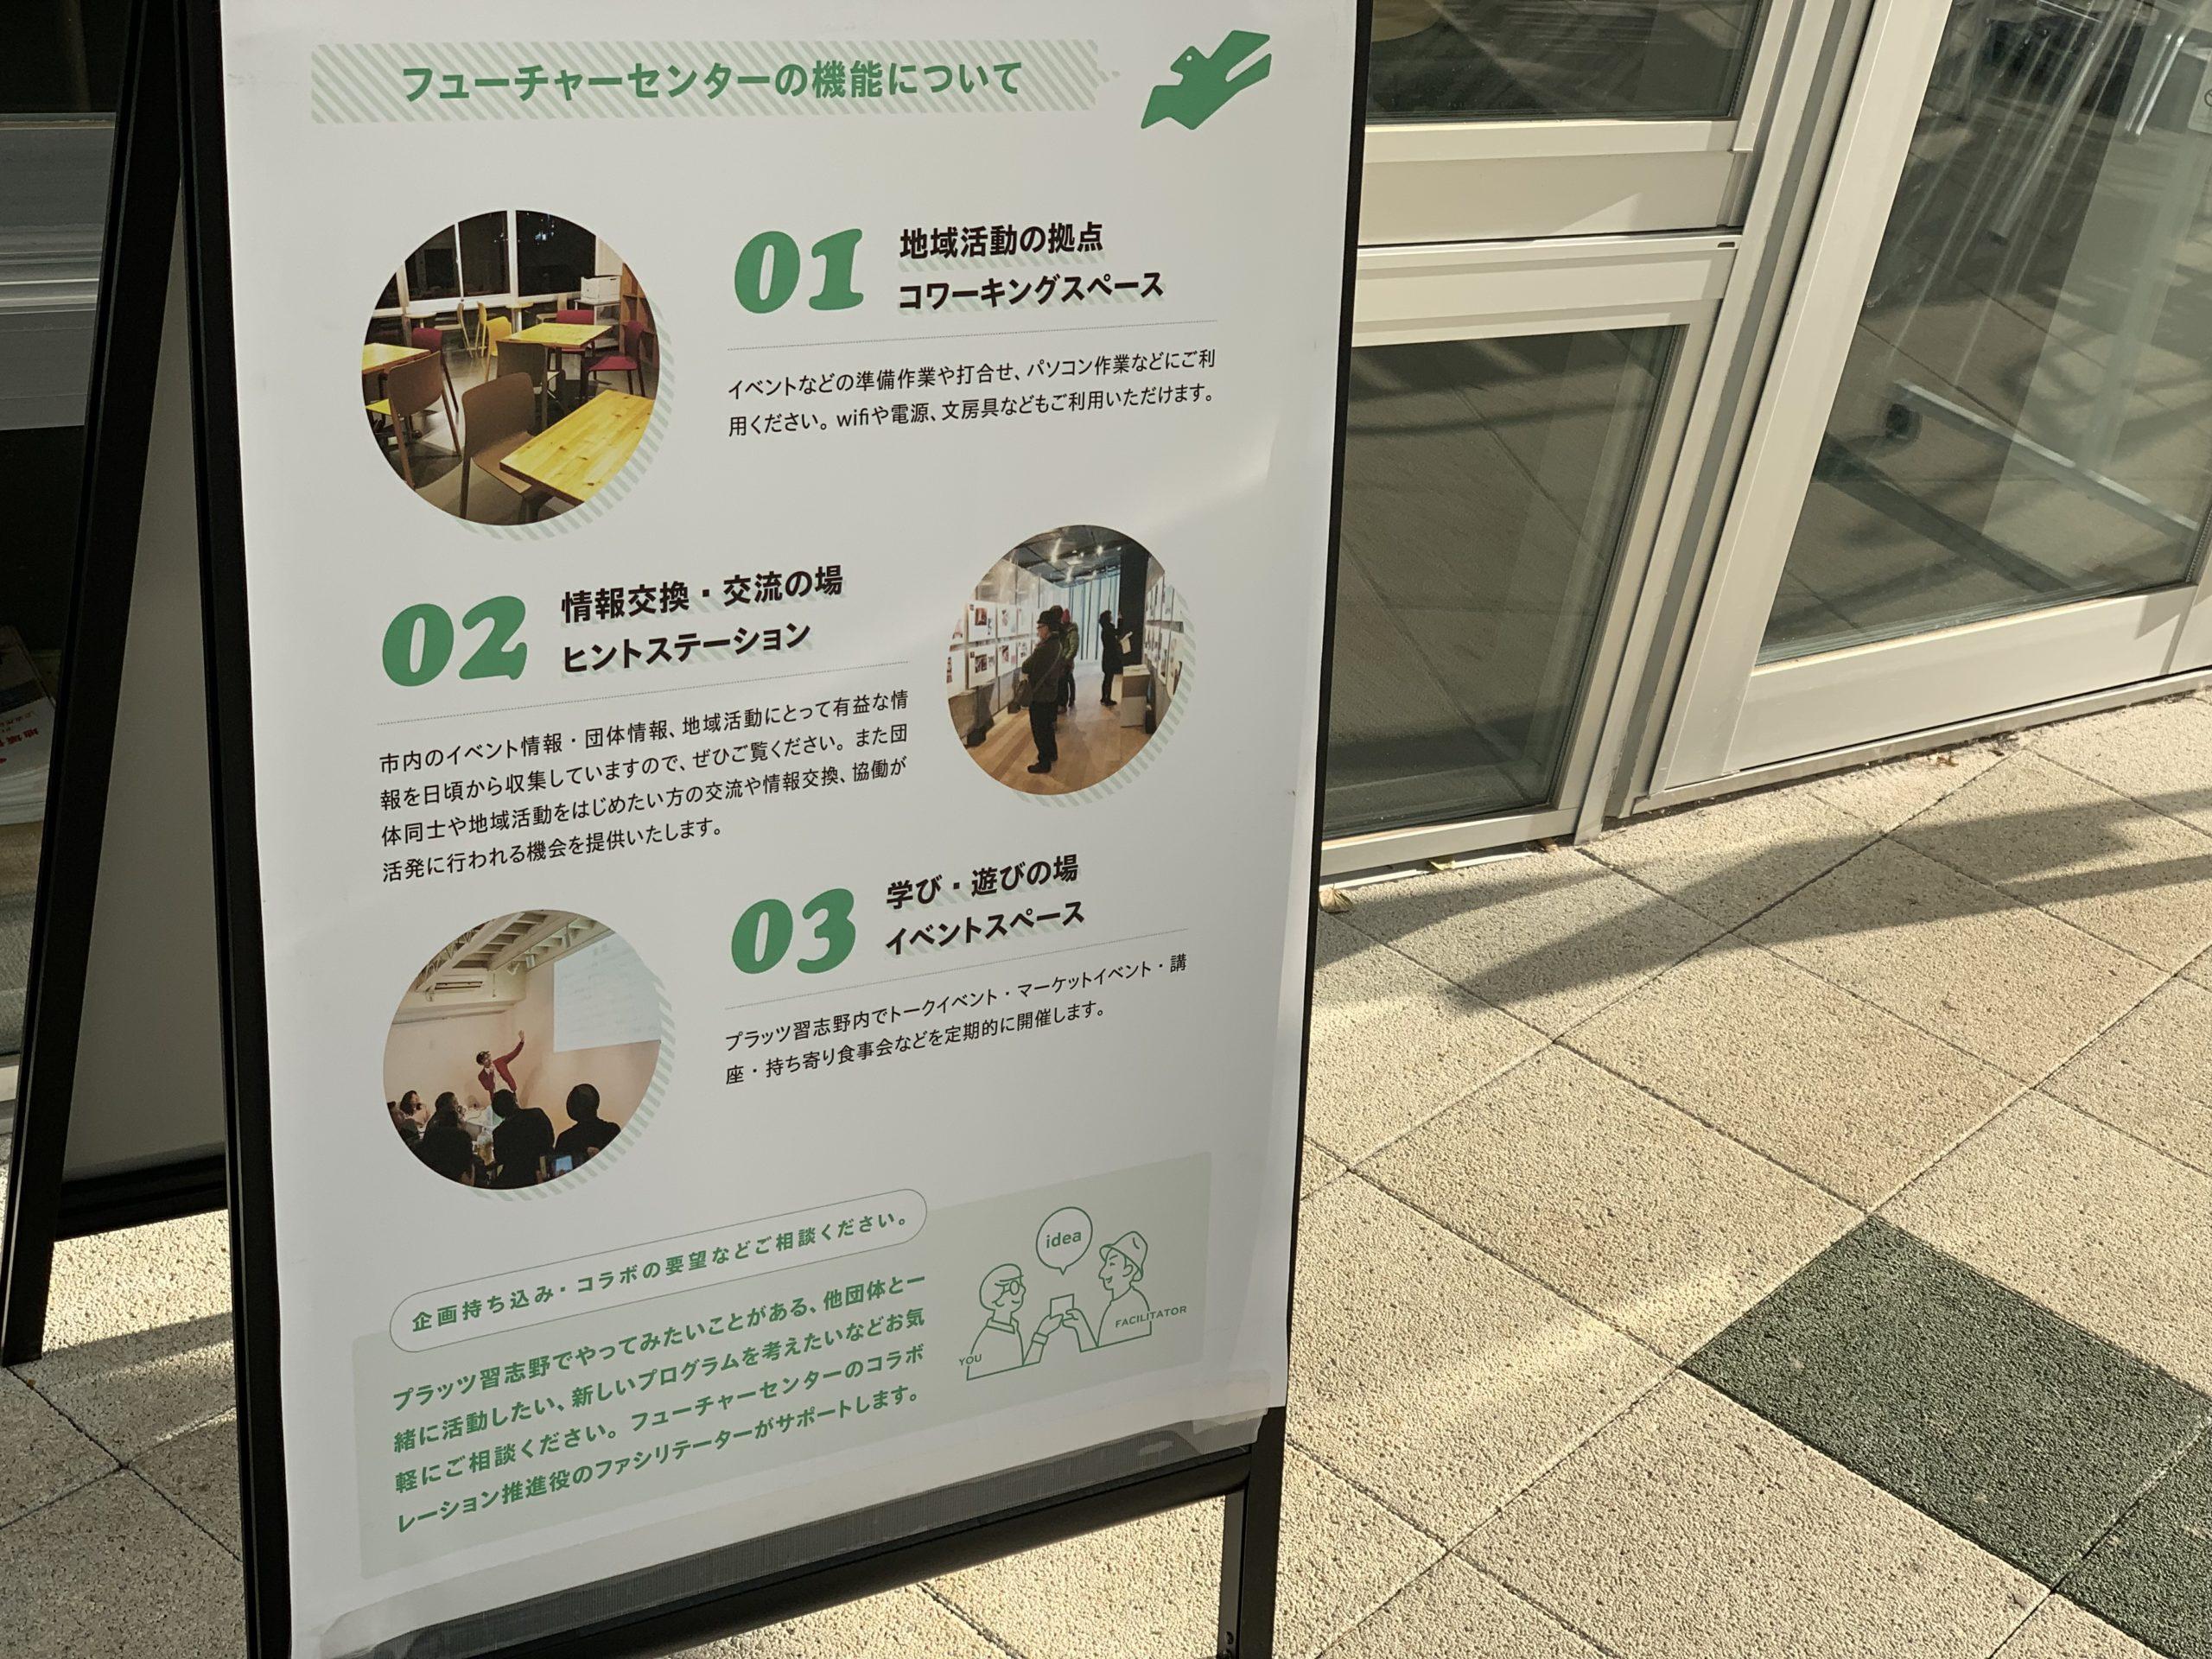 京成大久保駅 電源カフェ プラッツ習志野 Wi-Fi